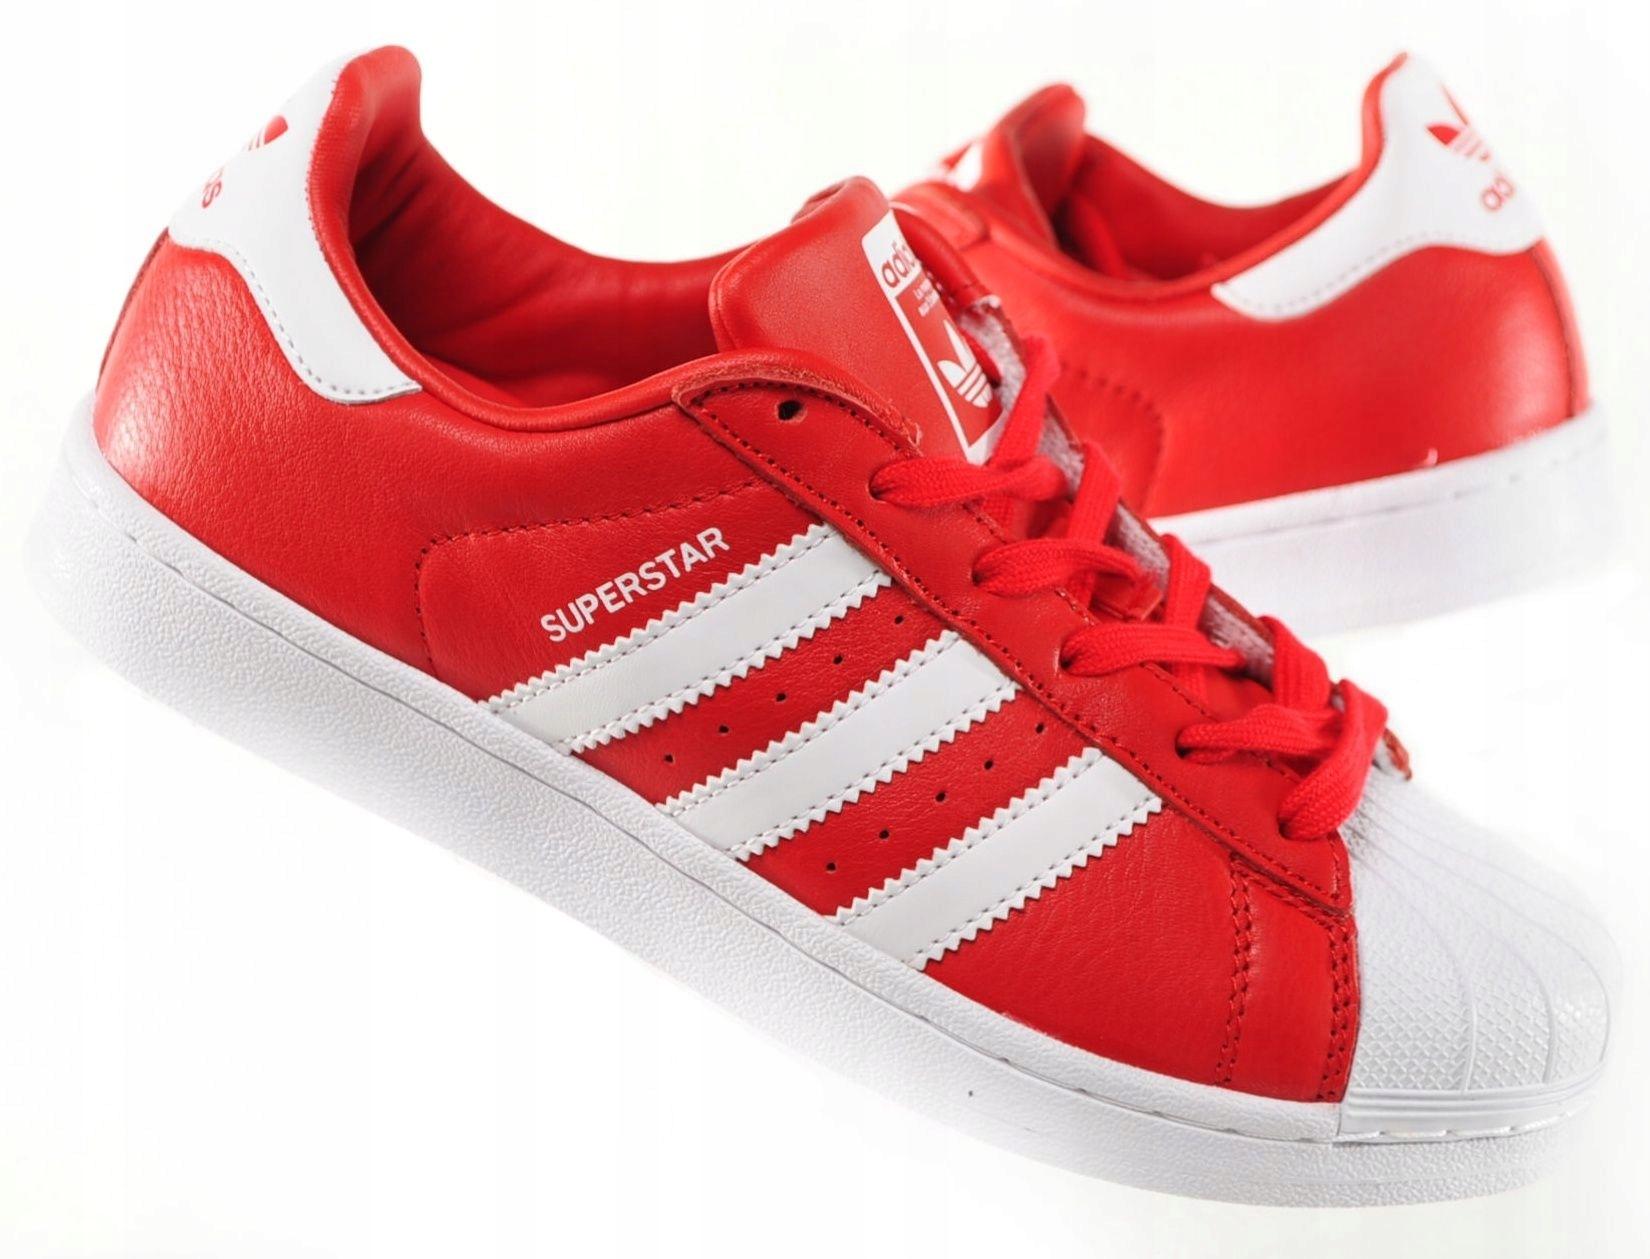 Adidas Superstar Męskie Najtańsze   Marki Butów W Polsce